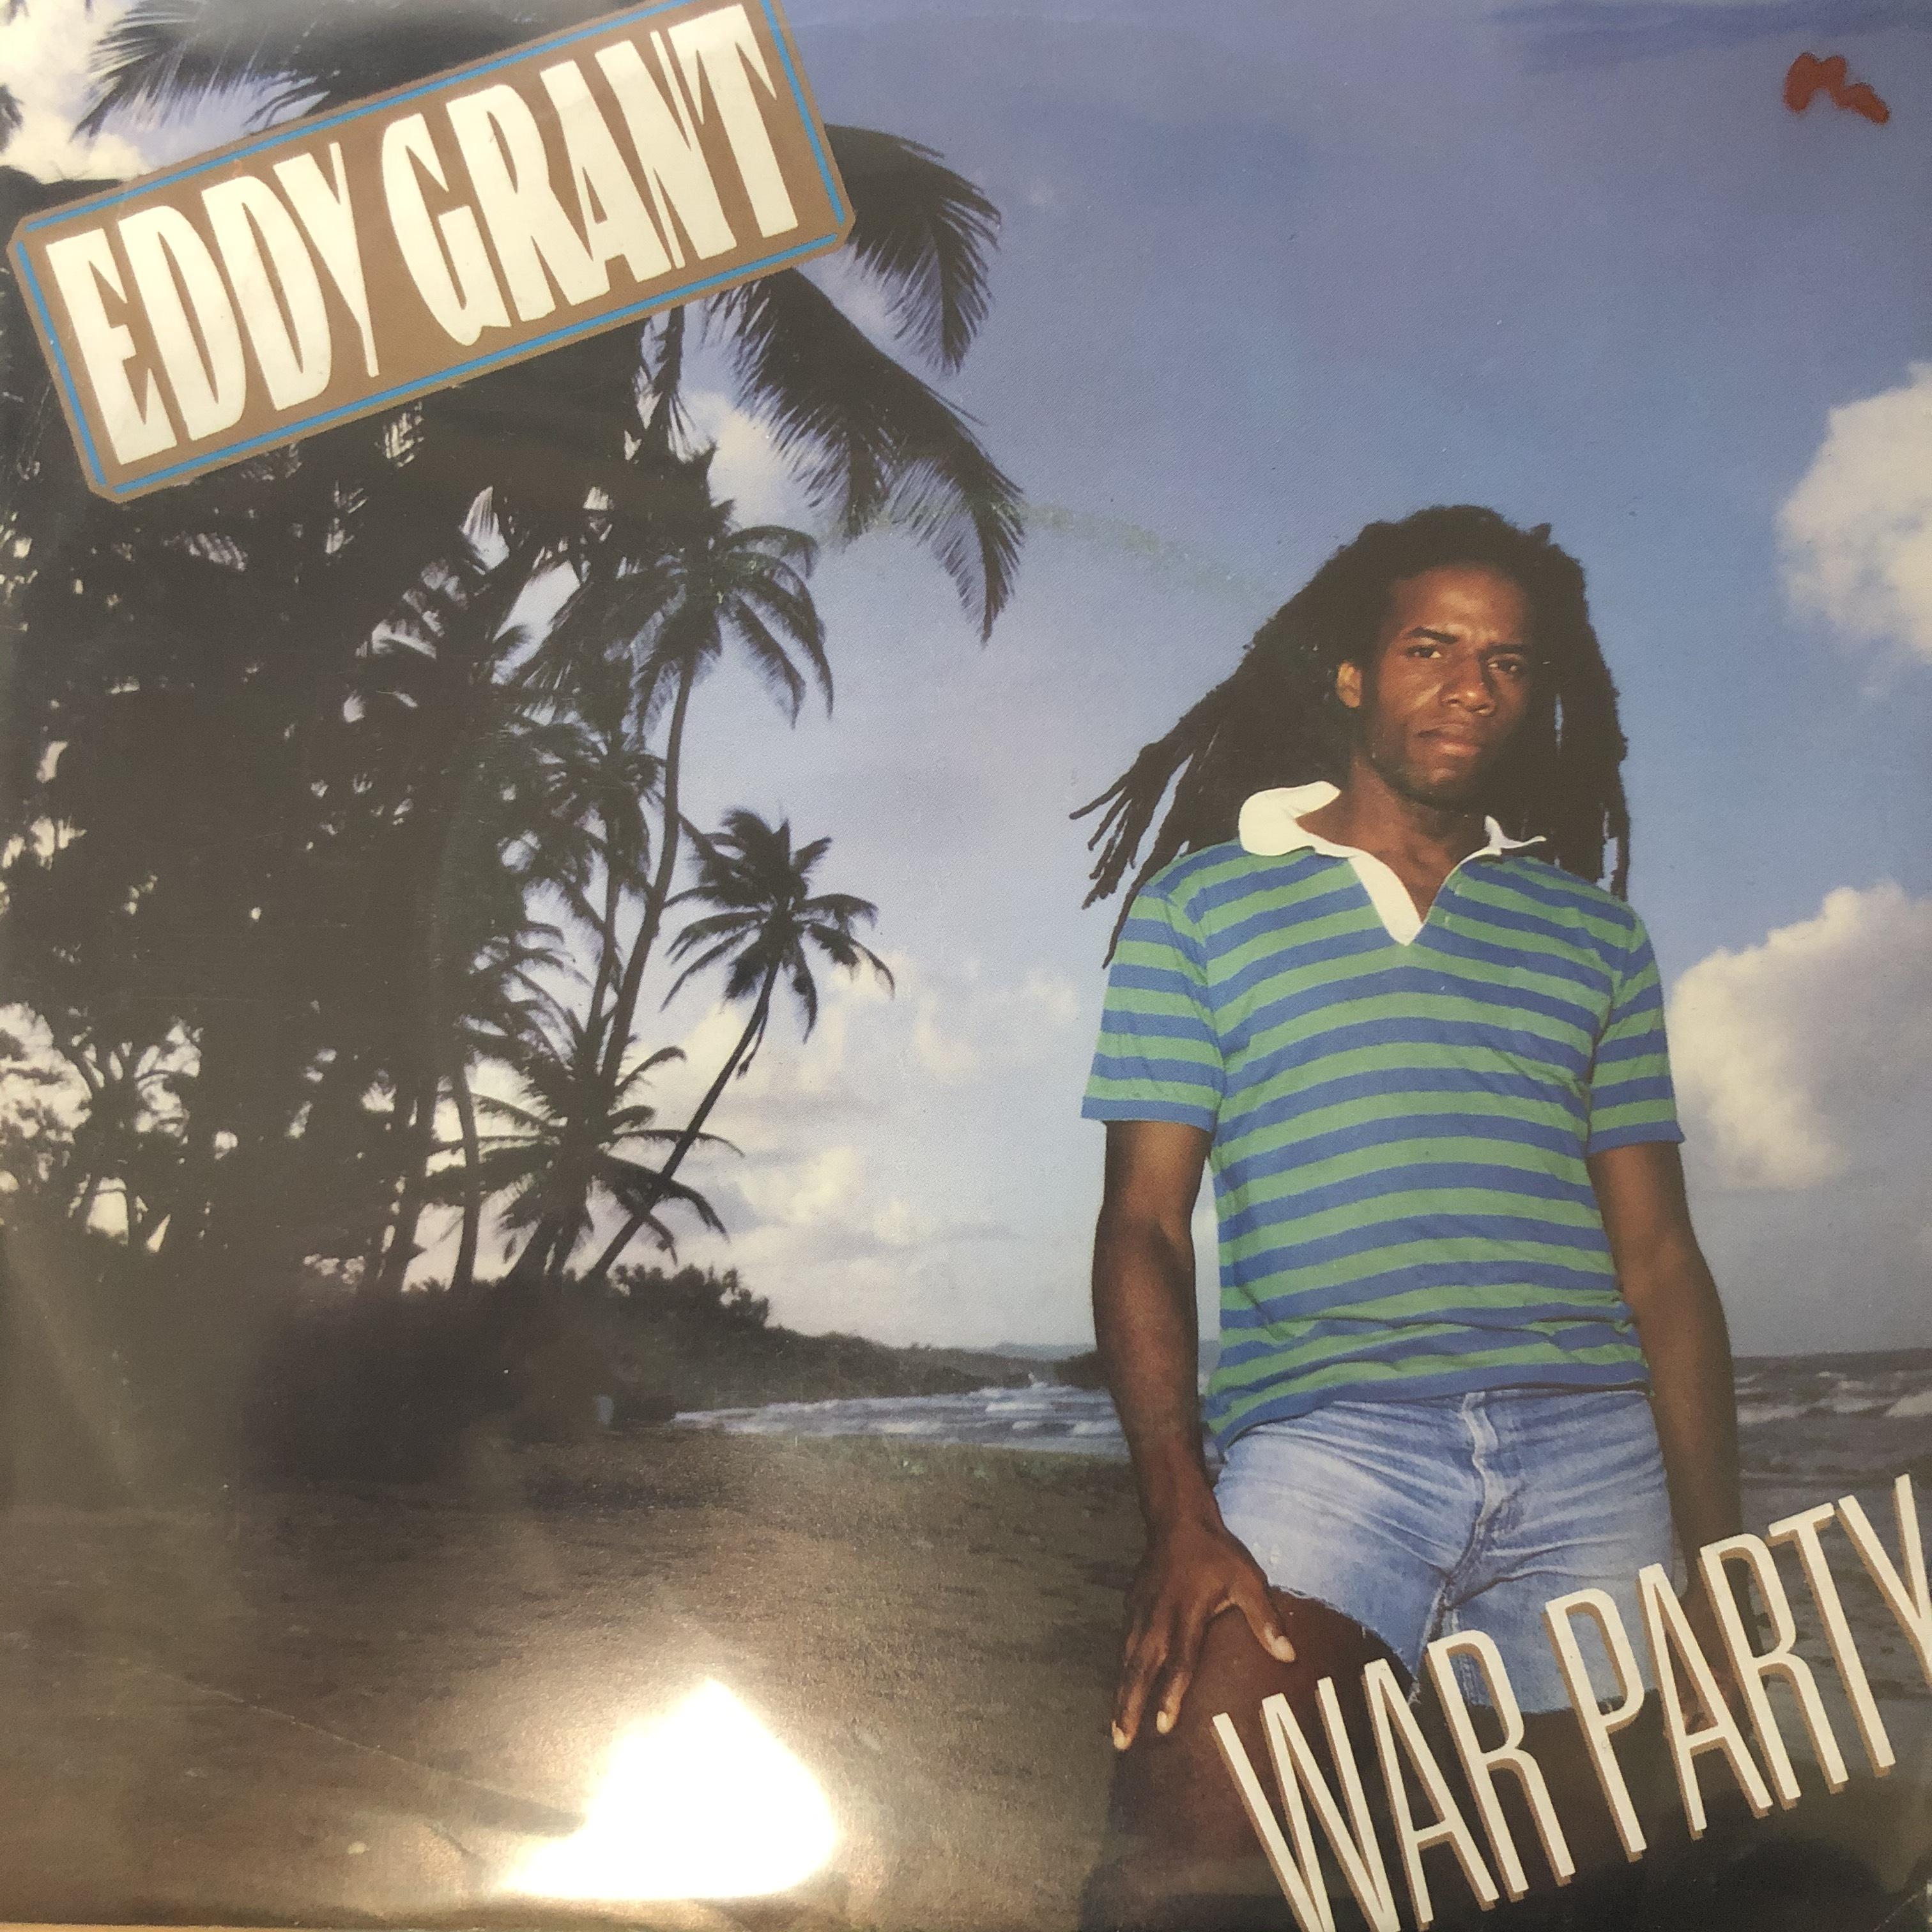 Eddy Grant - War Party 【7-20655】